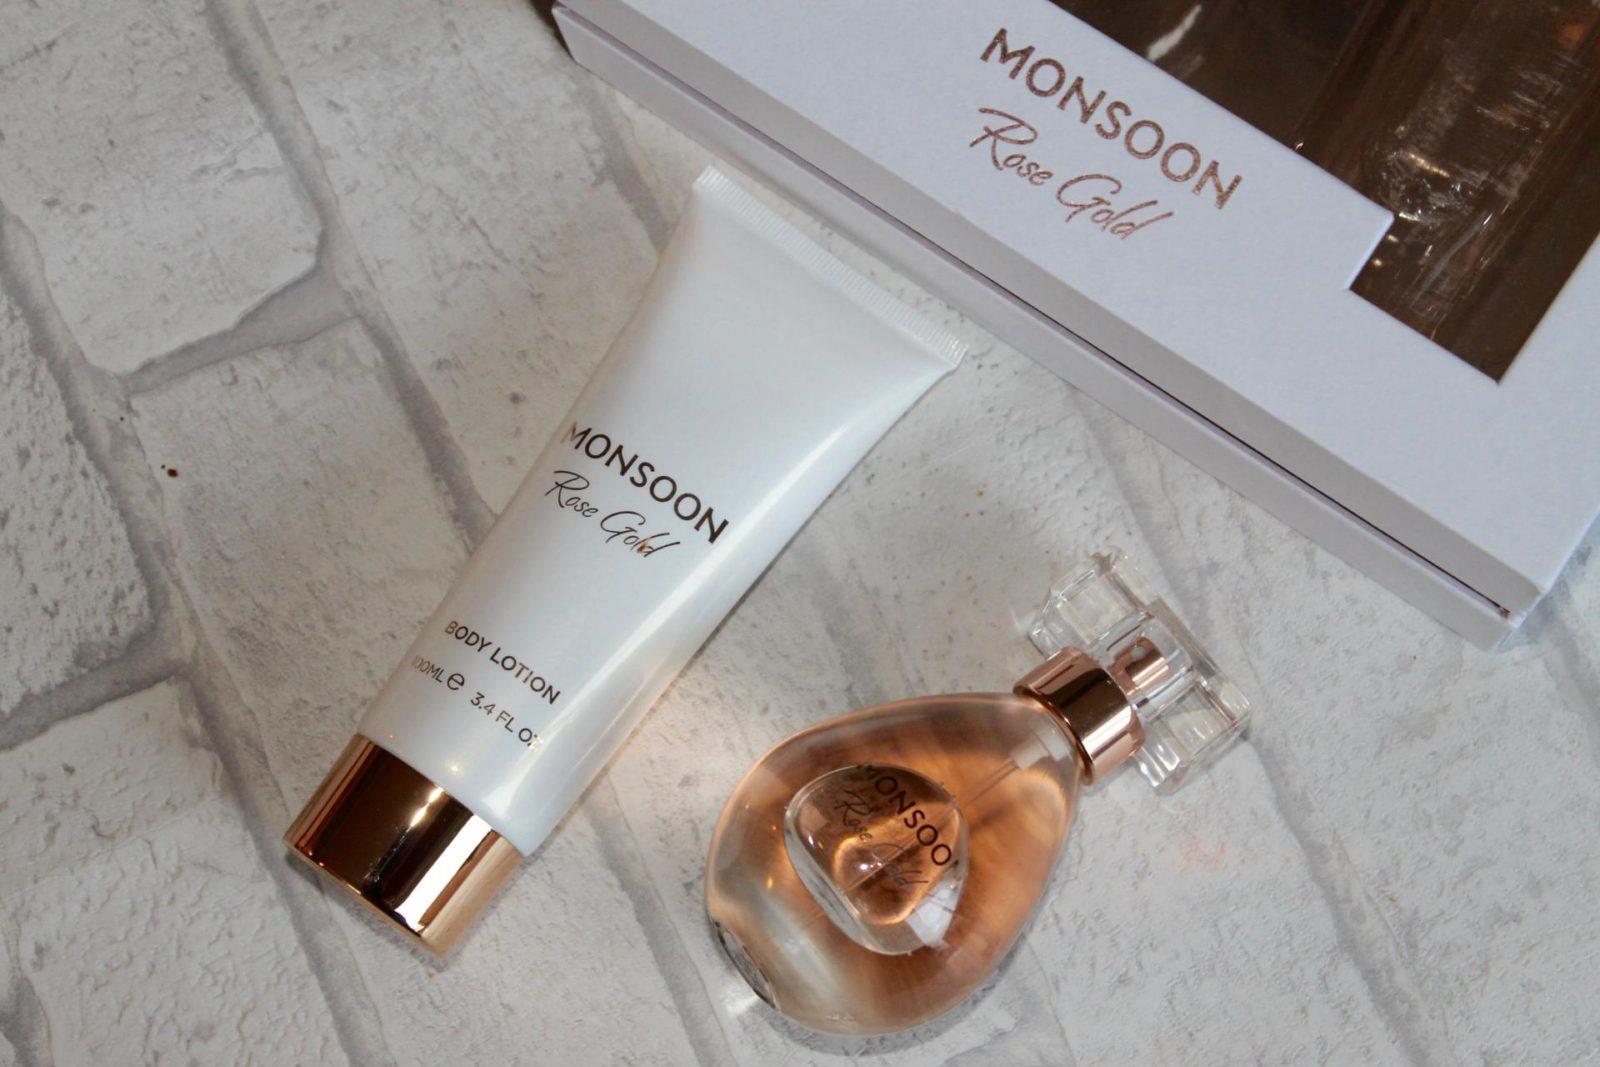 monsoon-rose-gold-persume-set